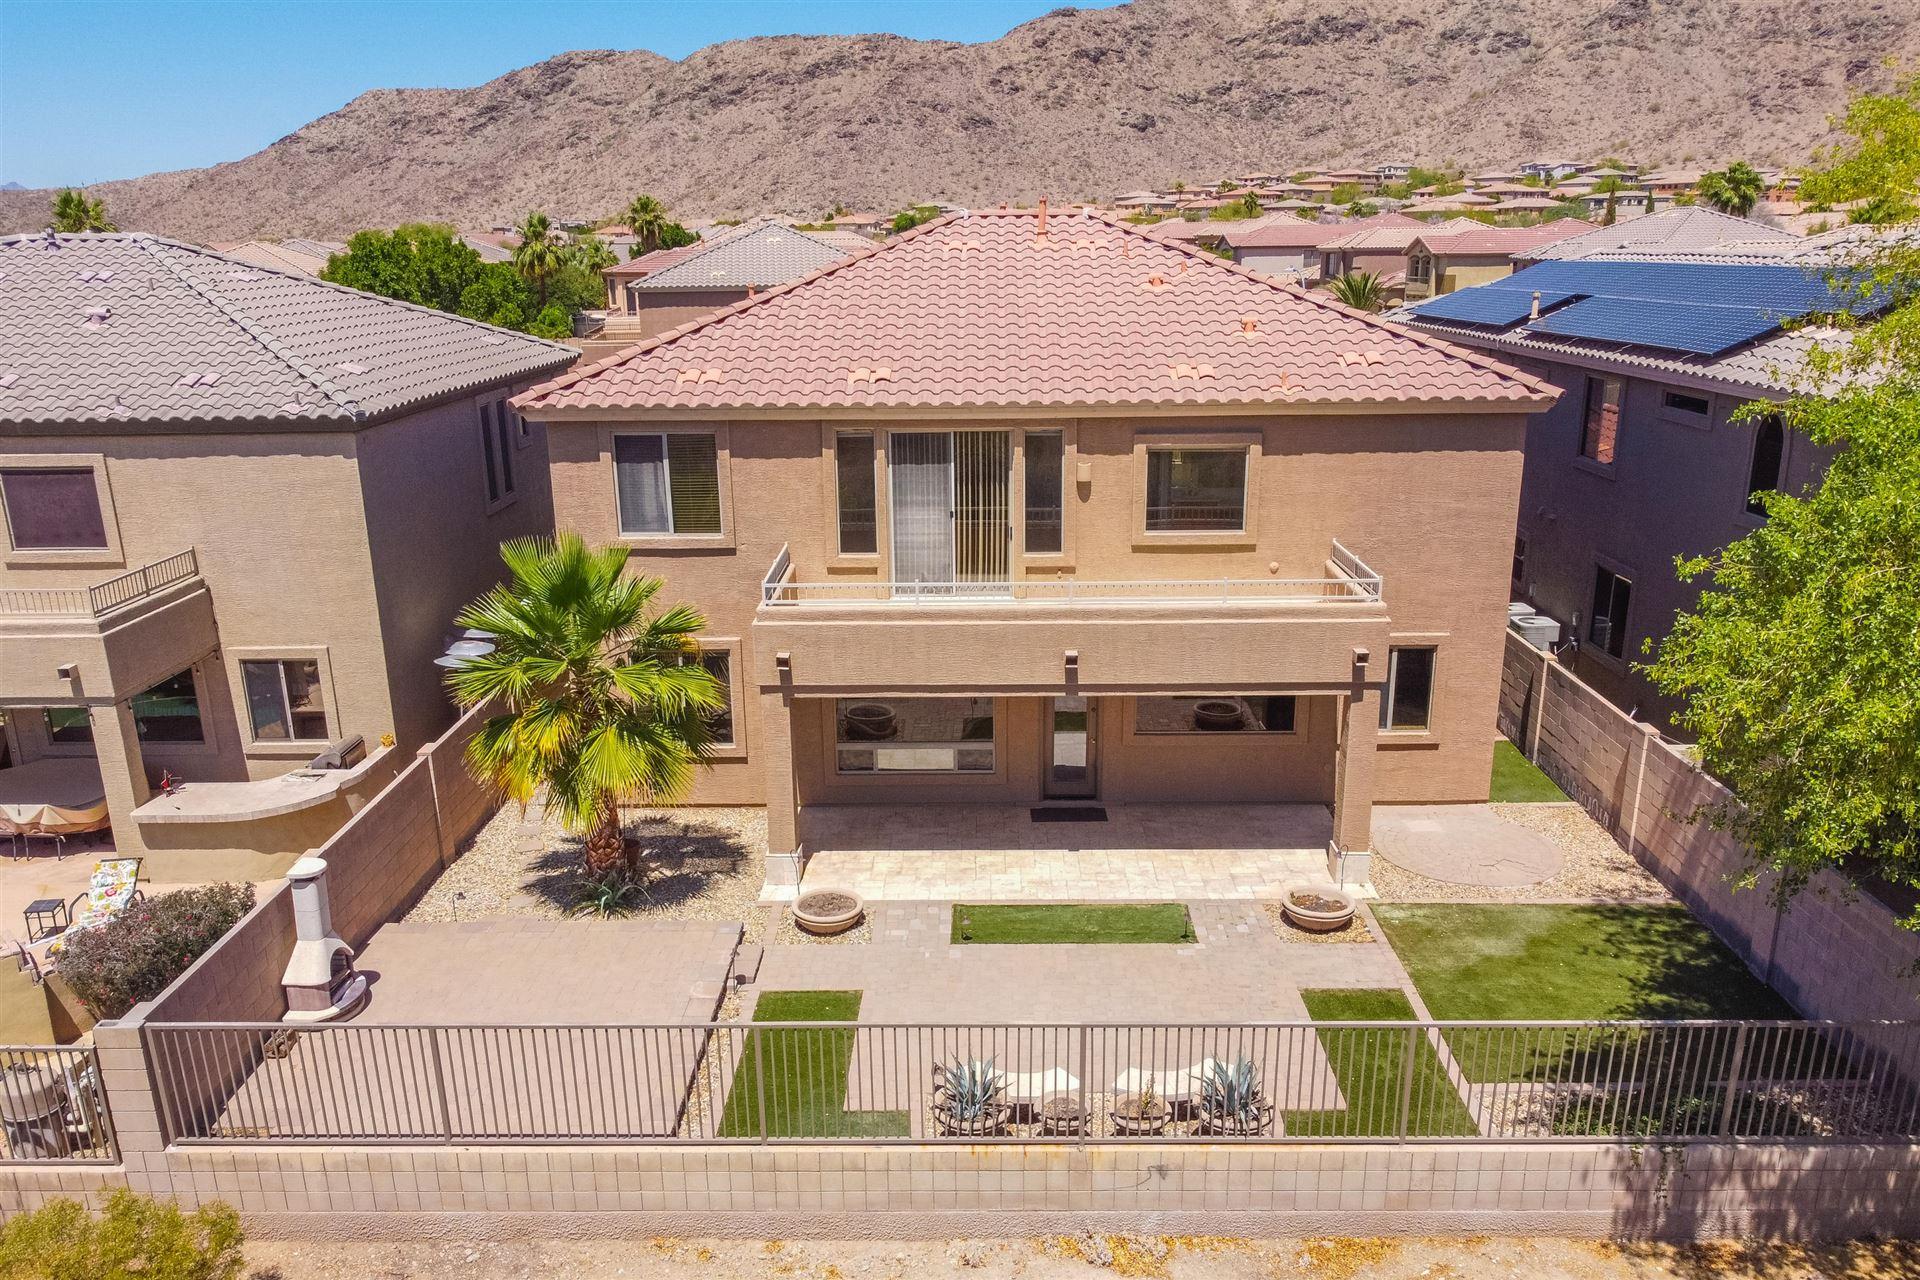 16613 S 27TH Lane, Phoenix, AZ 85045 - MLS#: 6232317